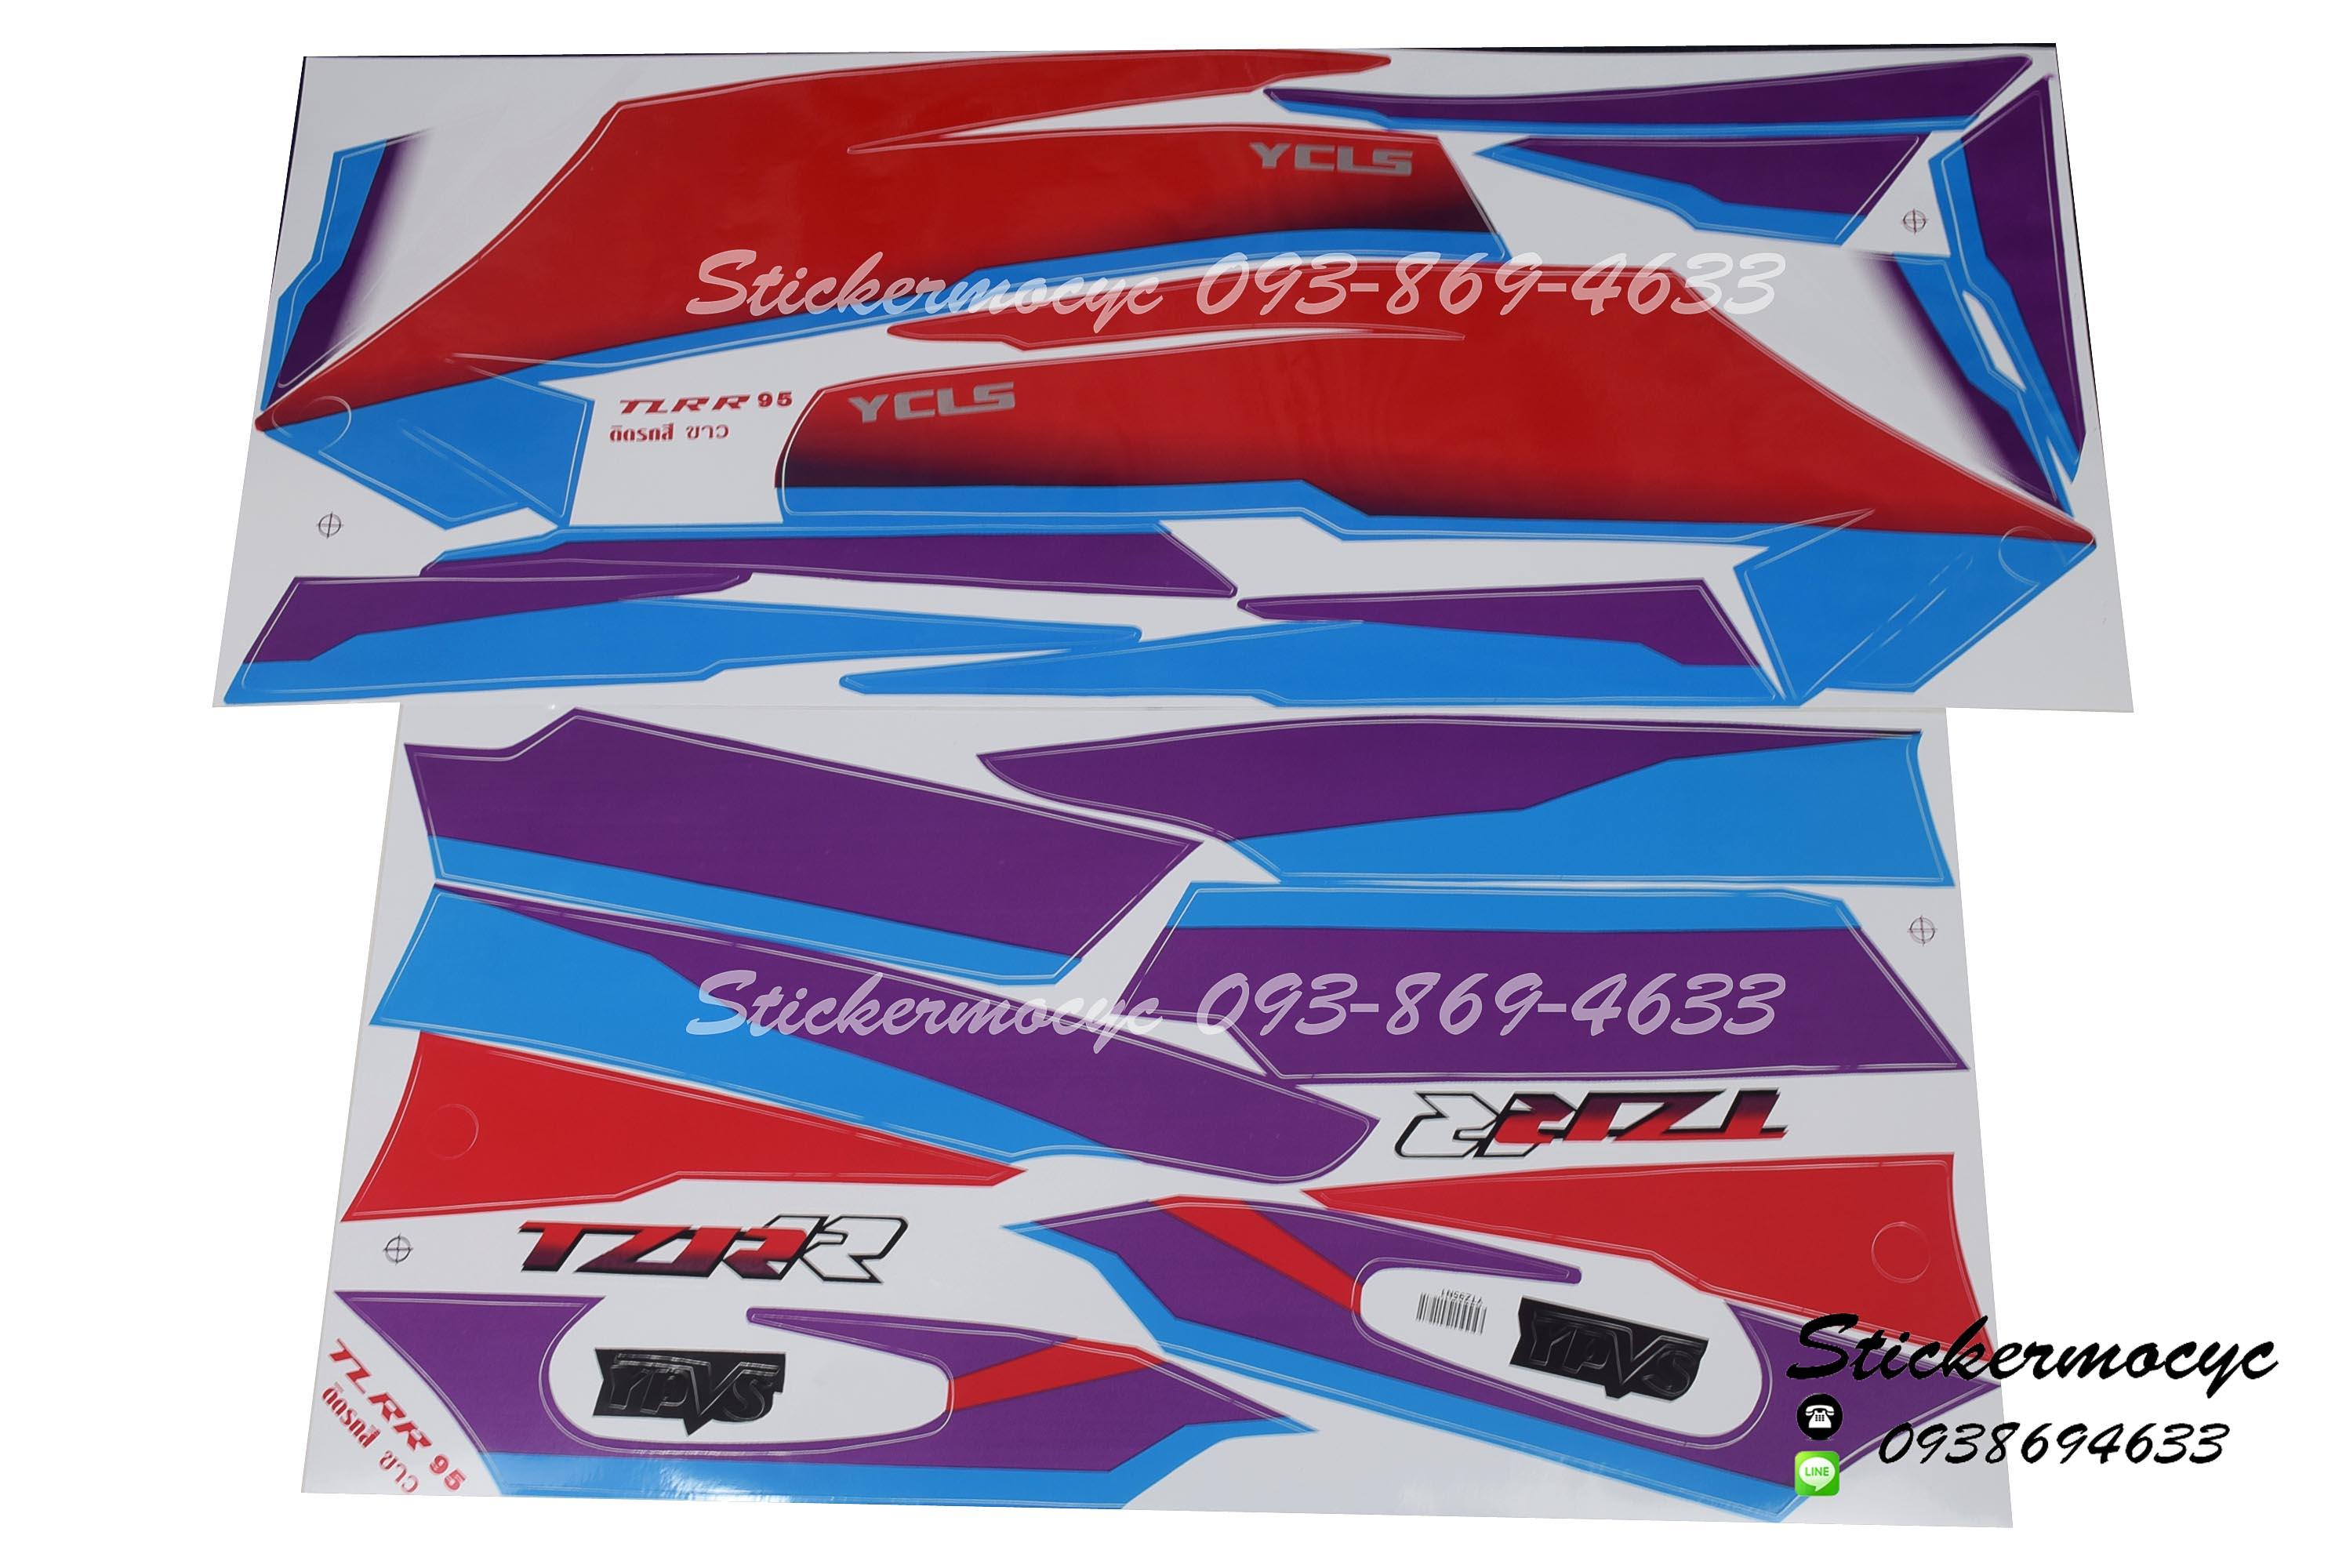 สติ๊กเกอร์ติดรถ มอเตอร์ไซค์ ยามาฮ่า TZR Sticker Yamaha TZR ปี 1995 ติดรถสี ขาว